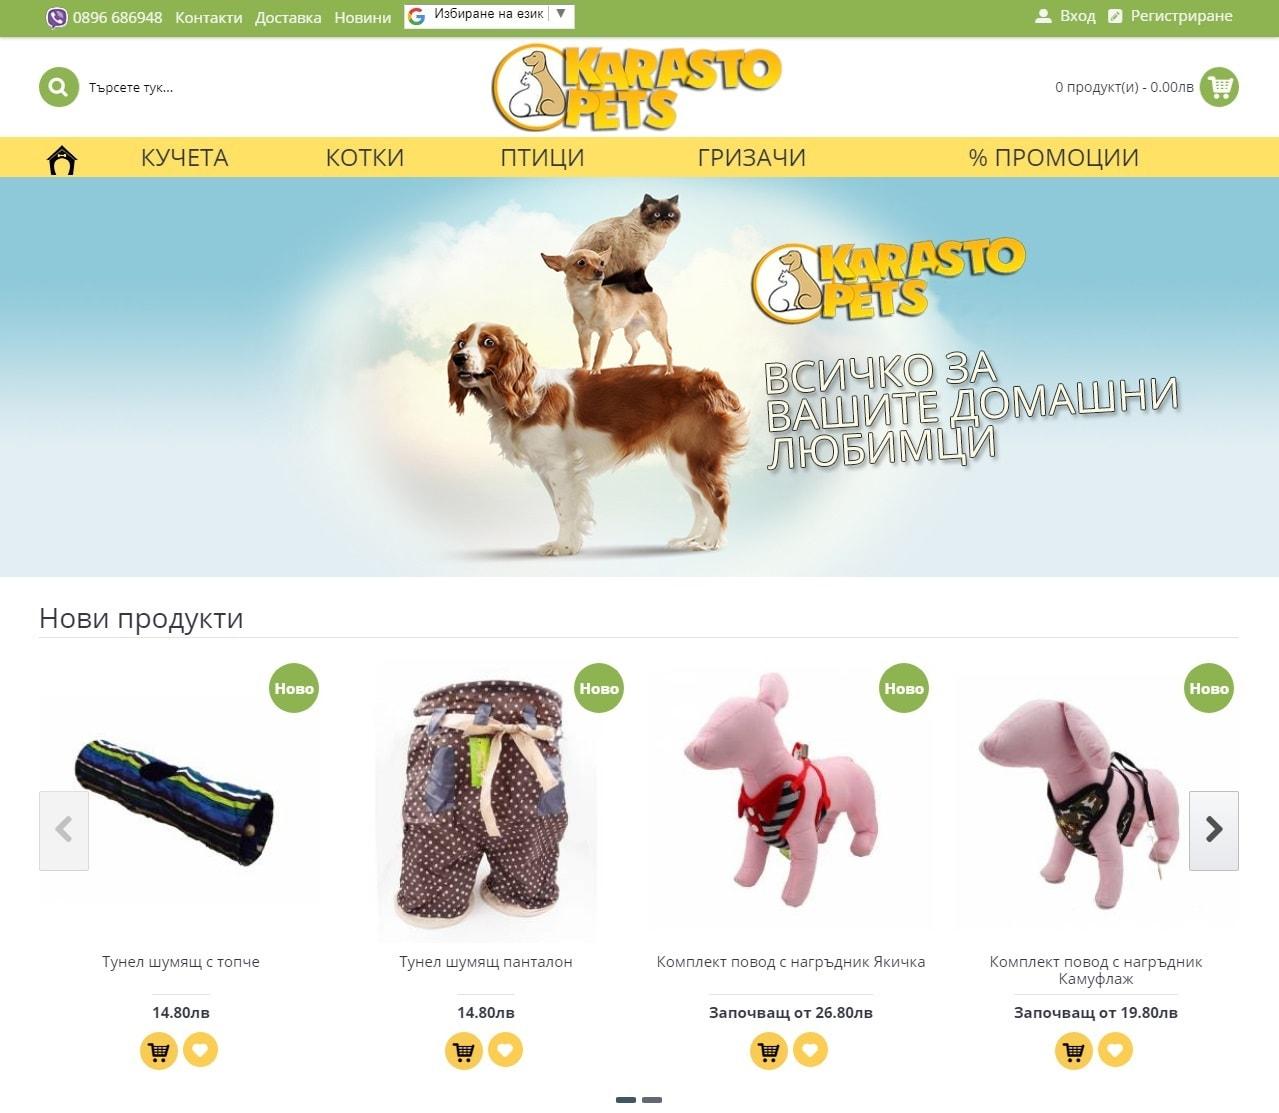 Онлайн магазин за домашни любимци Karasto-Pets